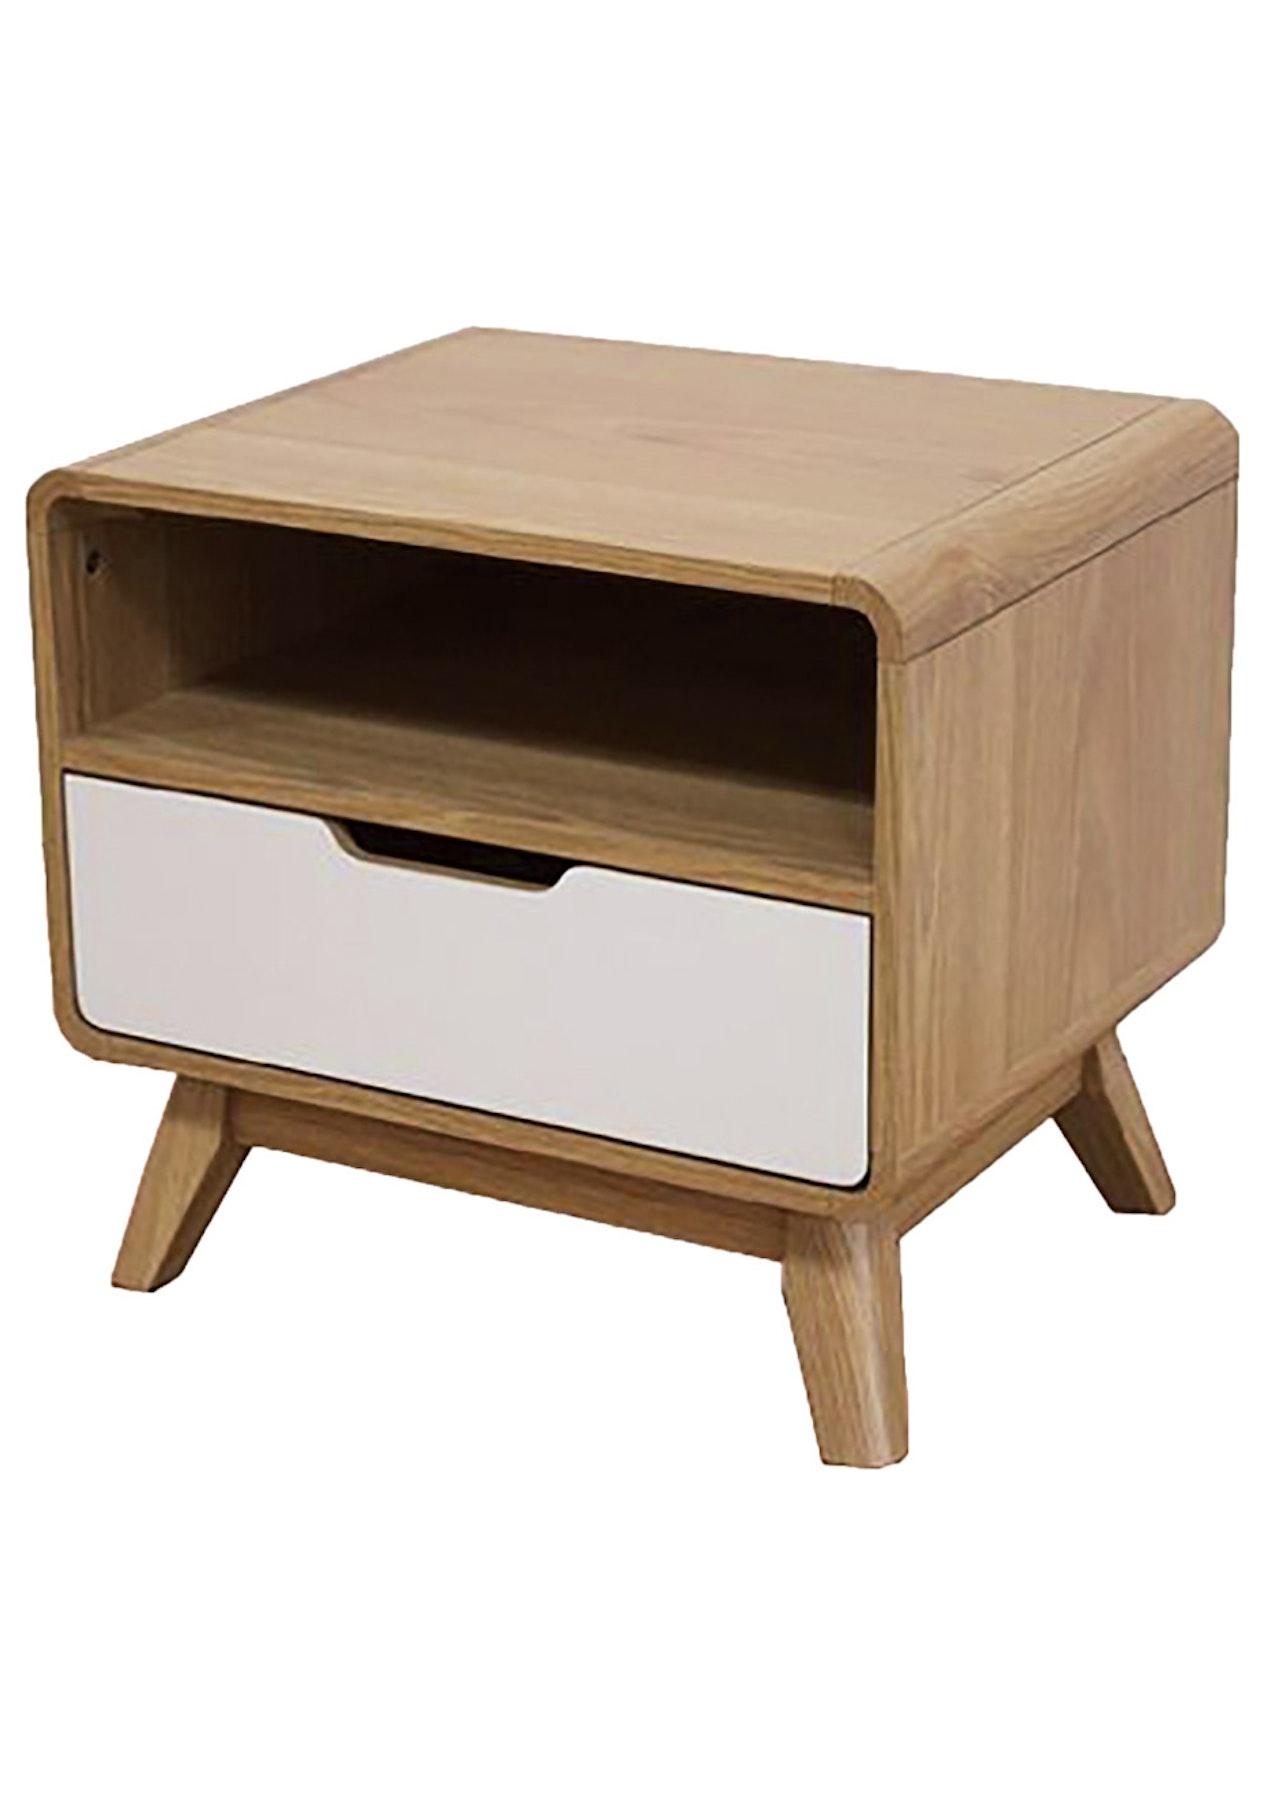 retro bedside table oak white scandi inspired. Black Bedroom Furniture Sets. Home Design Ideas